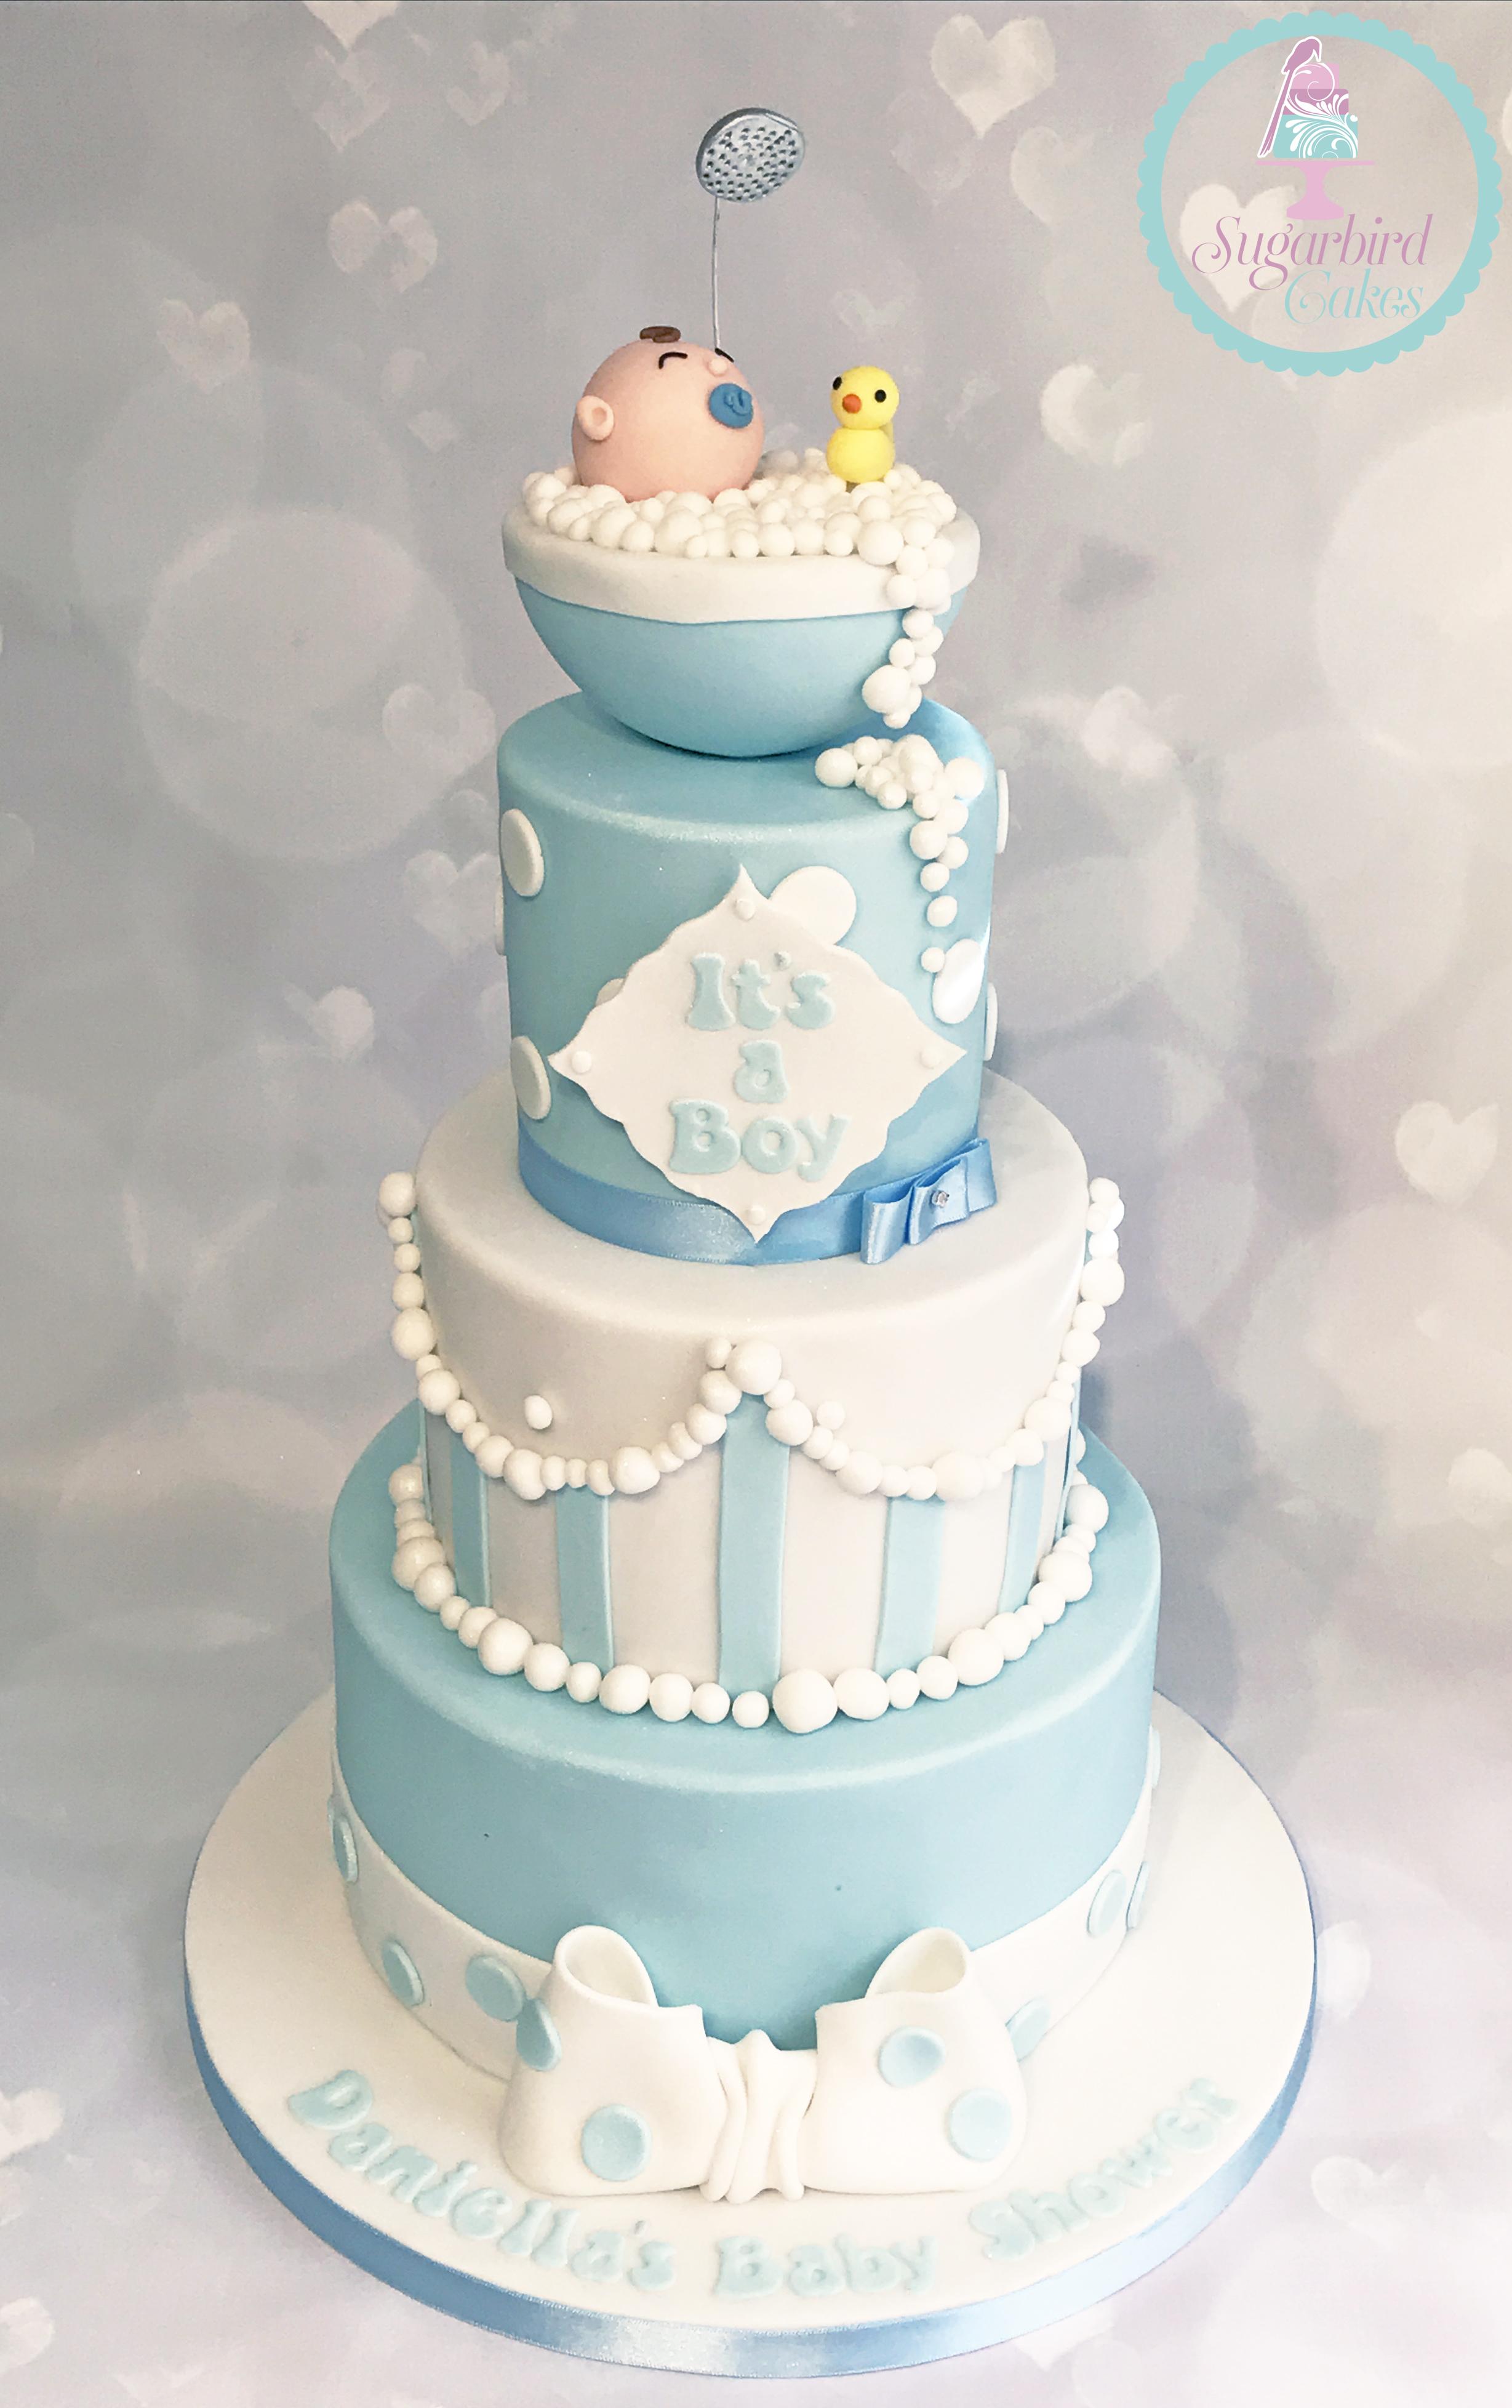 Cake Gallery Of Sugarbird Cupcakes Wedding Birthday